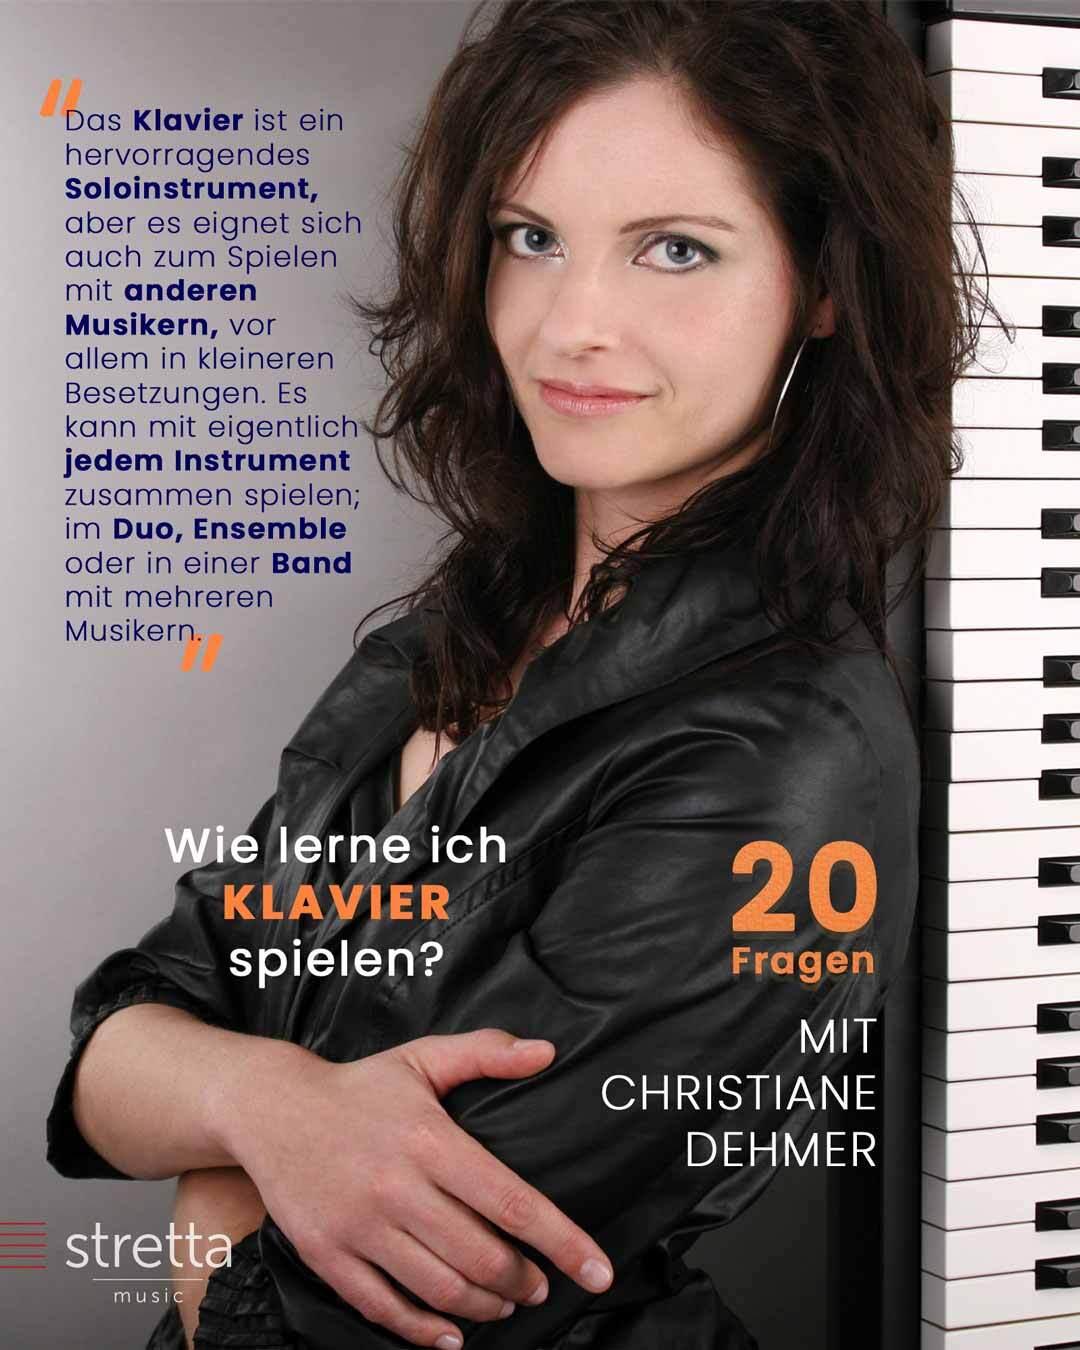 Klavier lernen – 20 Fragen an Christiane Dehmer